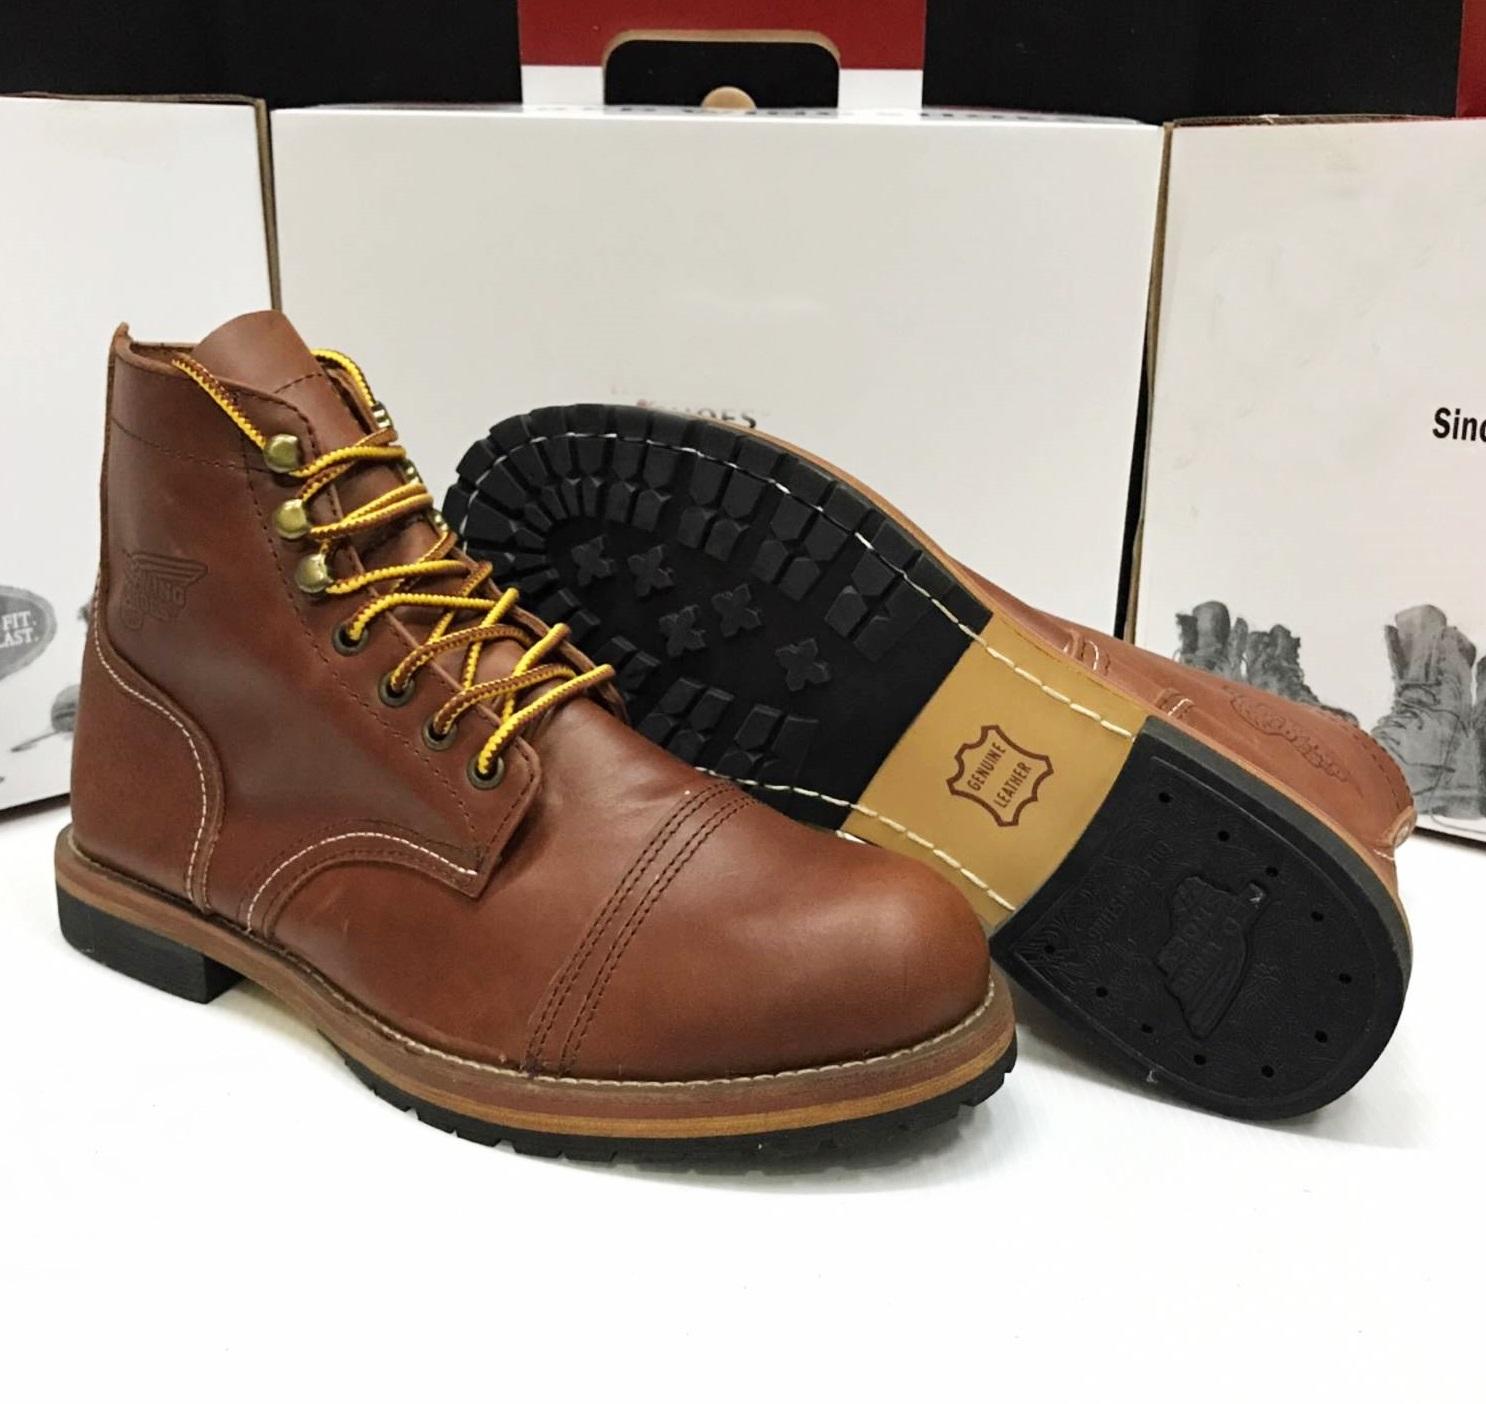 รองเท้าหนังเรดวิง Red Wing 9013 งานมิลเลอร์ หนังแท้ size 40-45